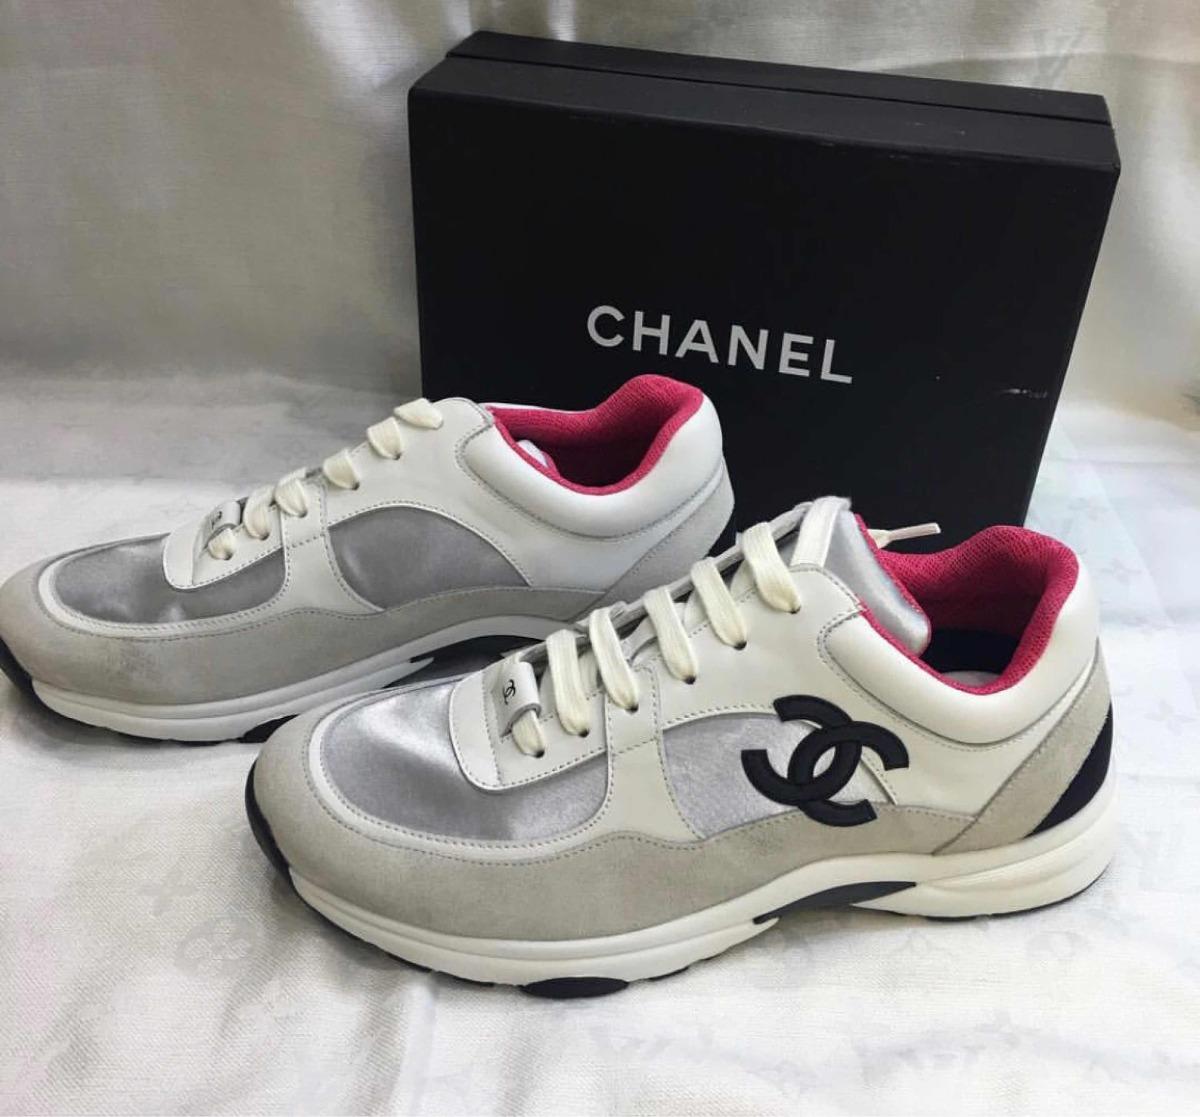 9eed57a8fa8 tênis chanel branco rosa. Carregando zoom.